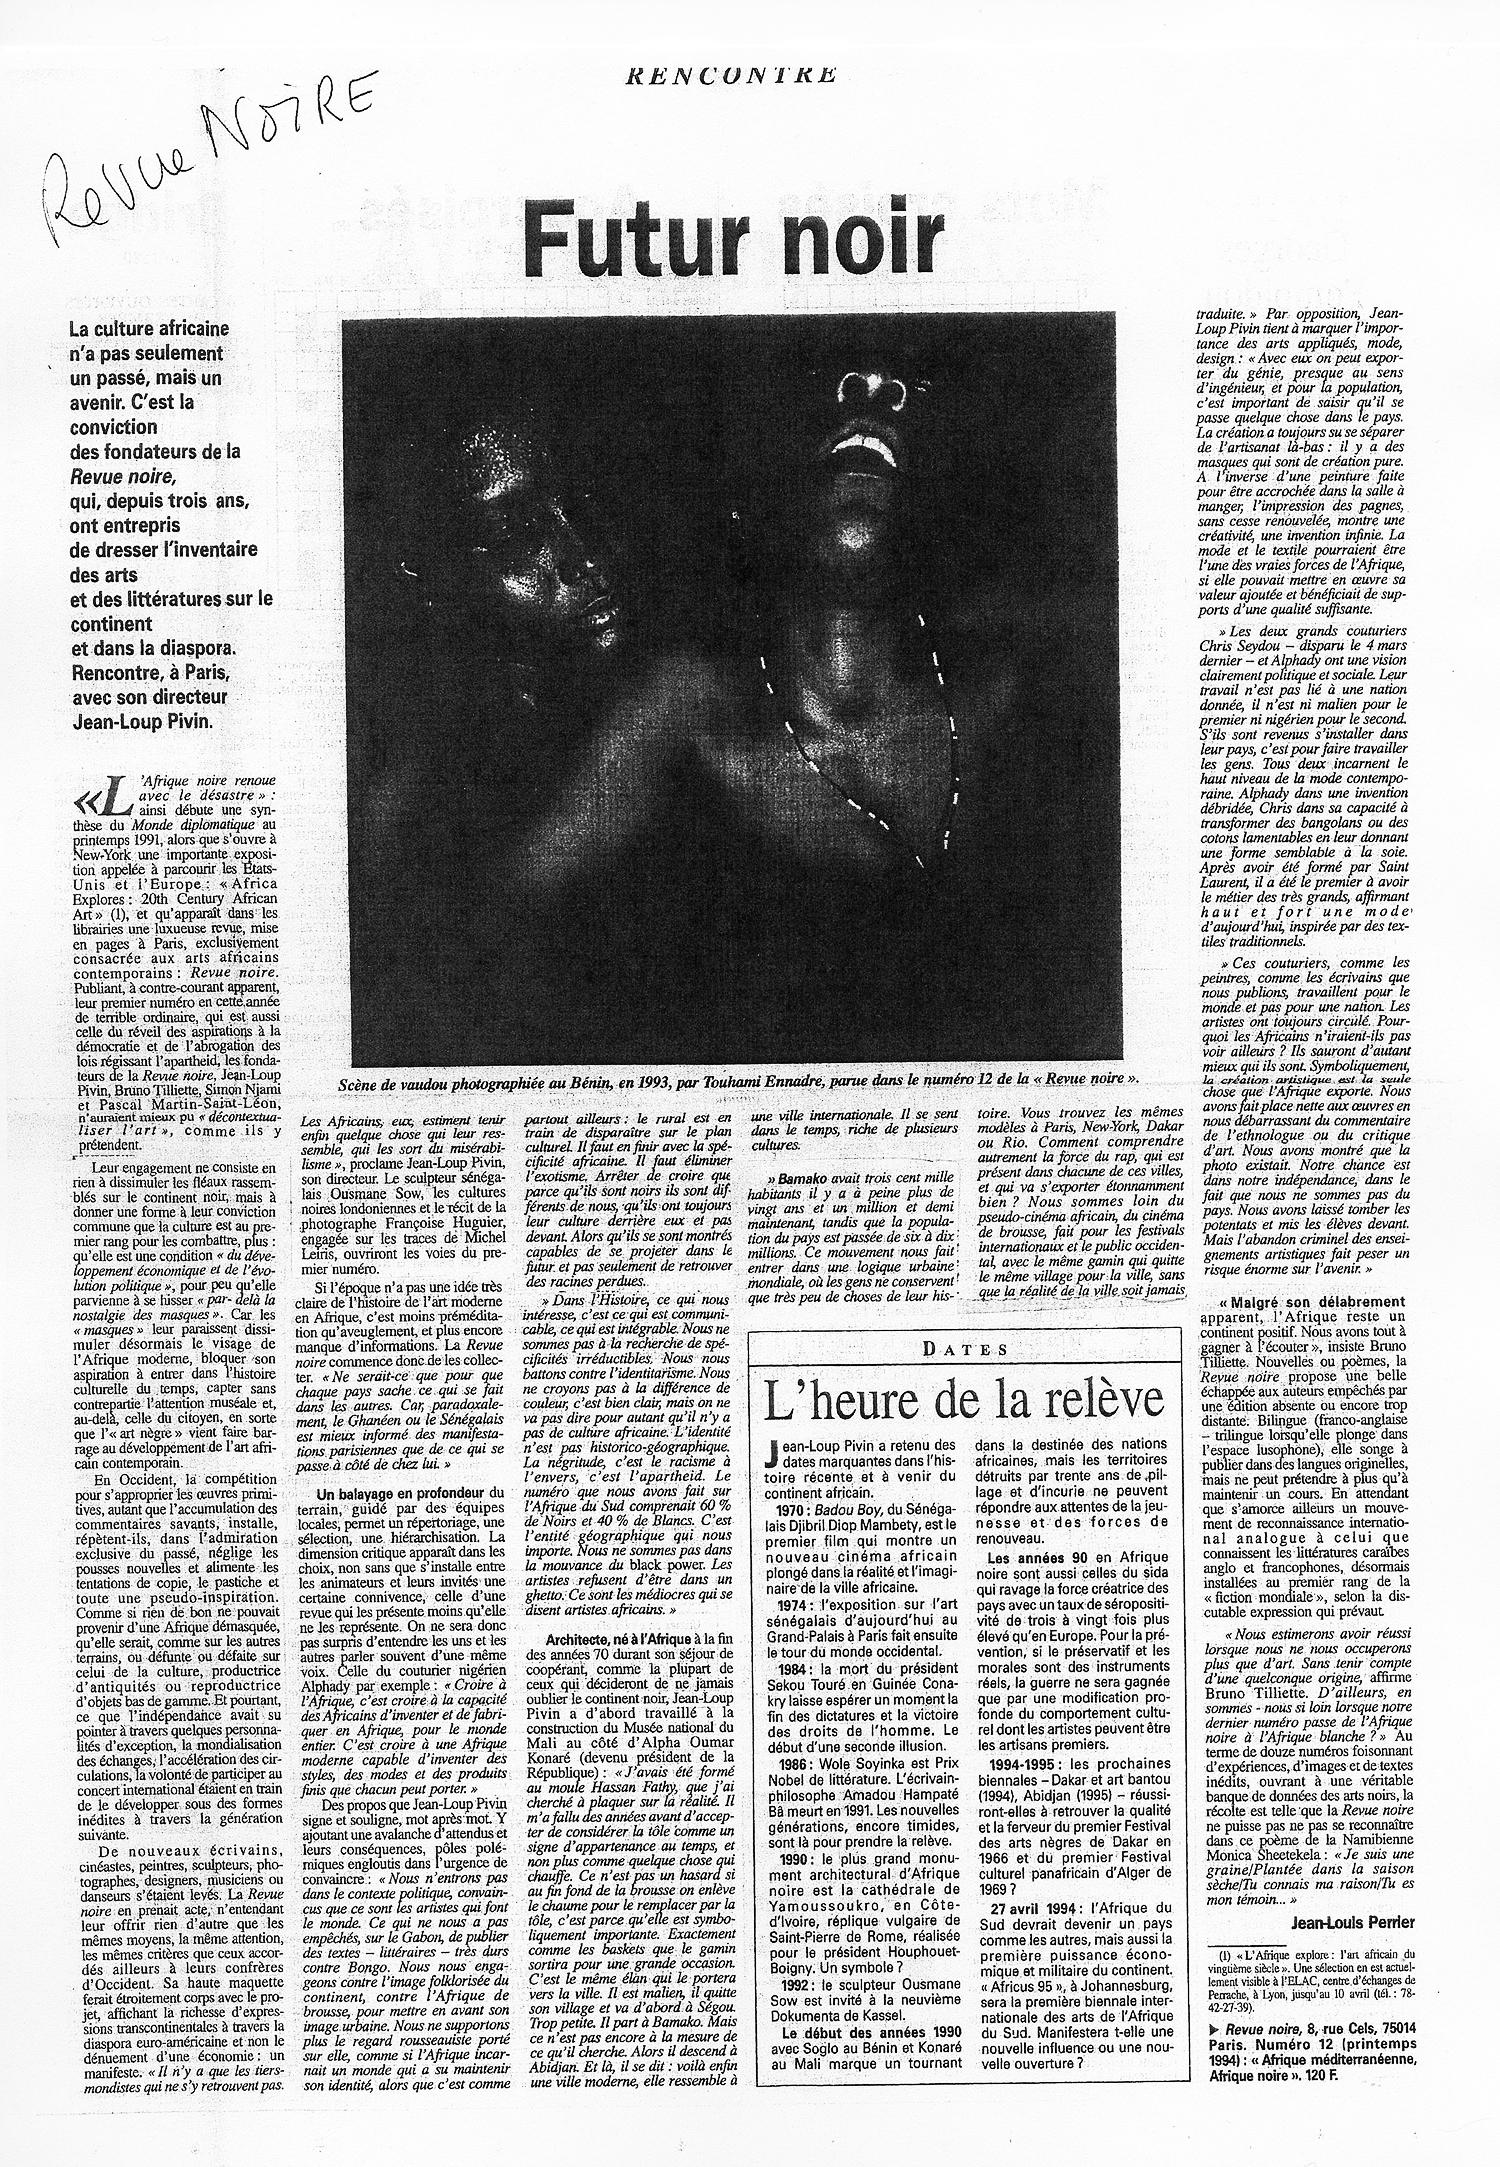 LeMonde-Avr1994-RevueNoire